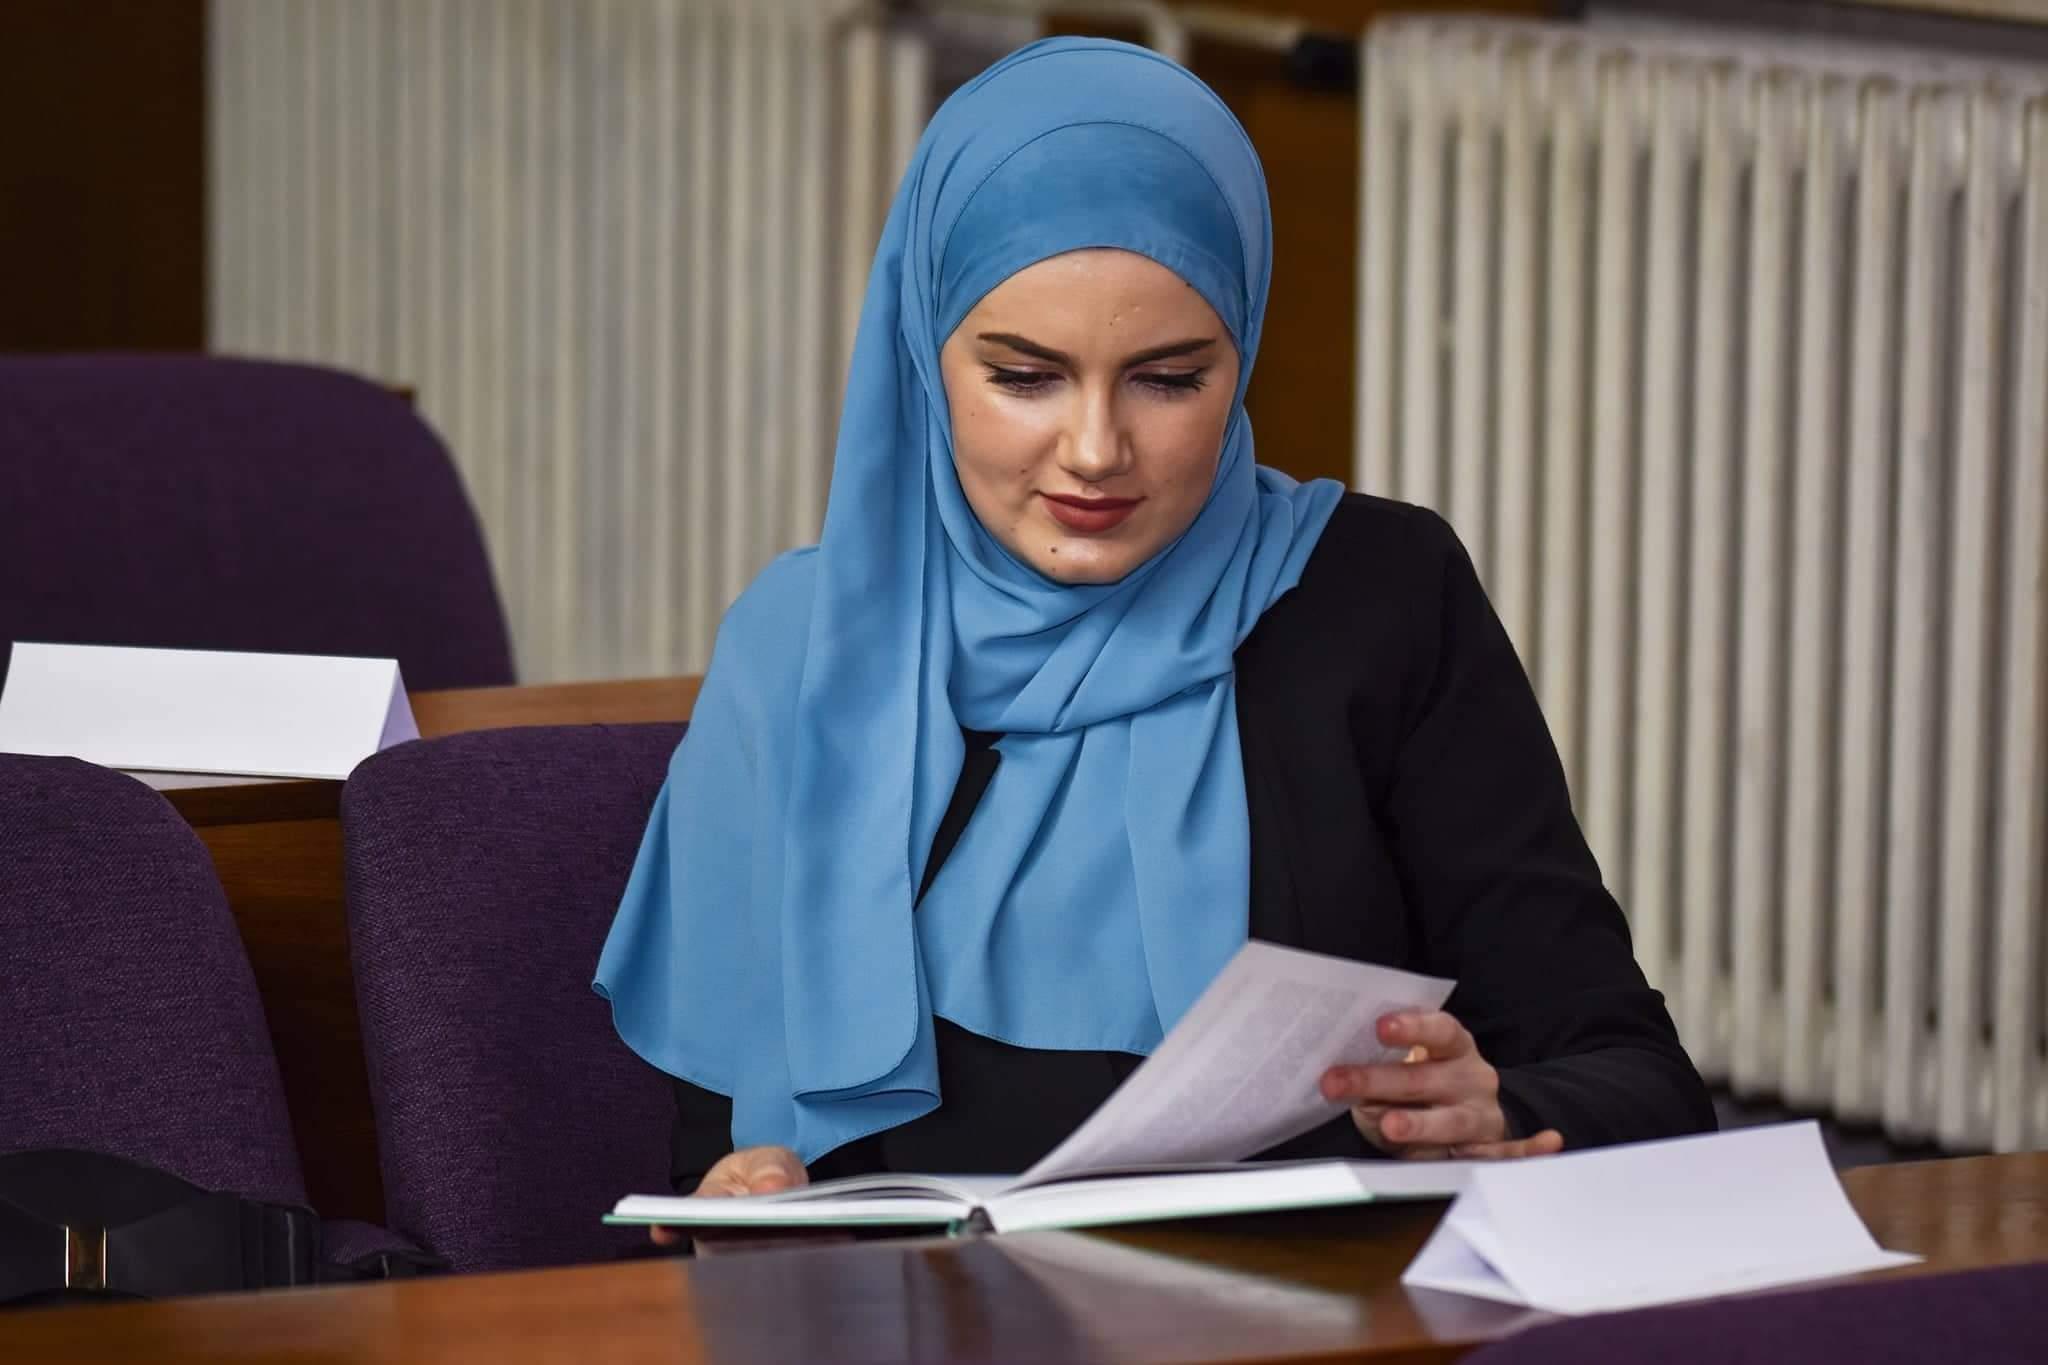 Lejla Kasum: Žena muslimanka – ambasadorka islama